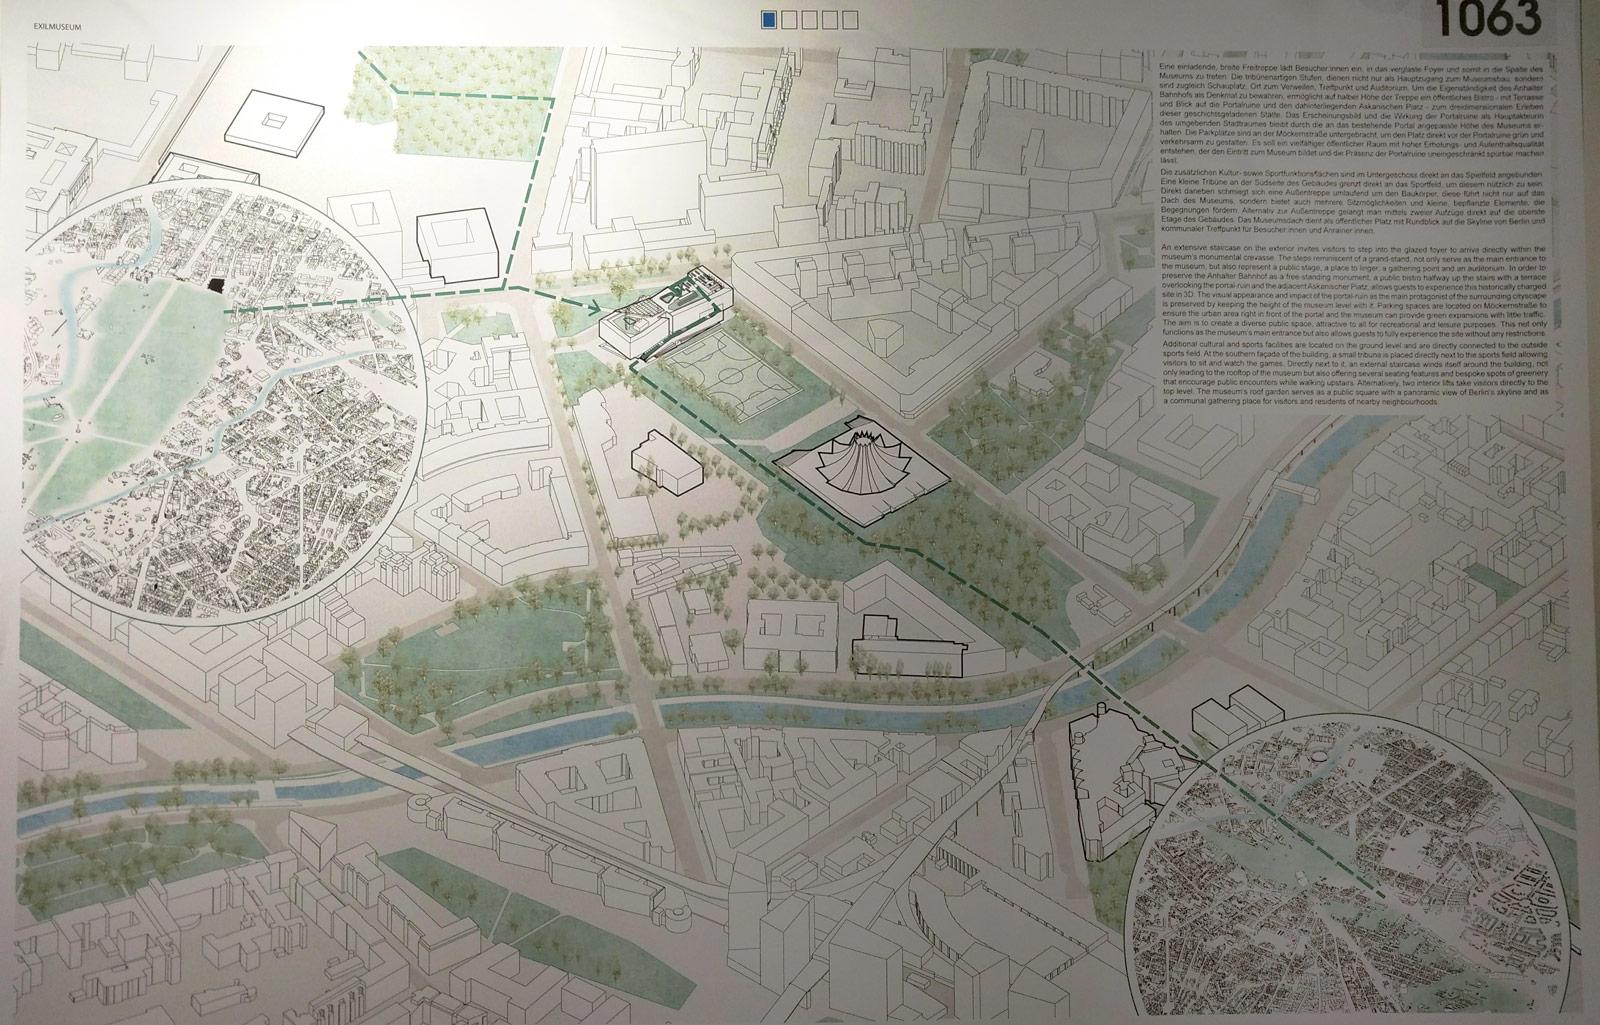 Zeichnung von Kéré Architecture mit dem Weg vom Flaschenhals über den Ostpark des Gleisdreiecks bis auf das Dach des Exilmuseumns am Anhalterpersonenbahnhof.